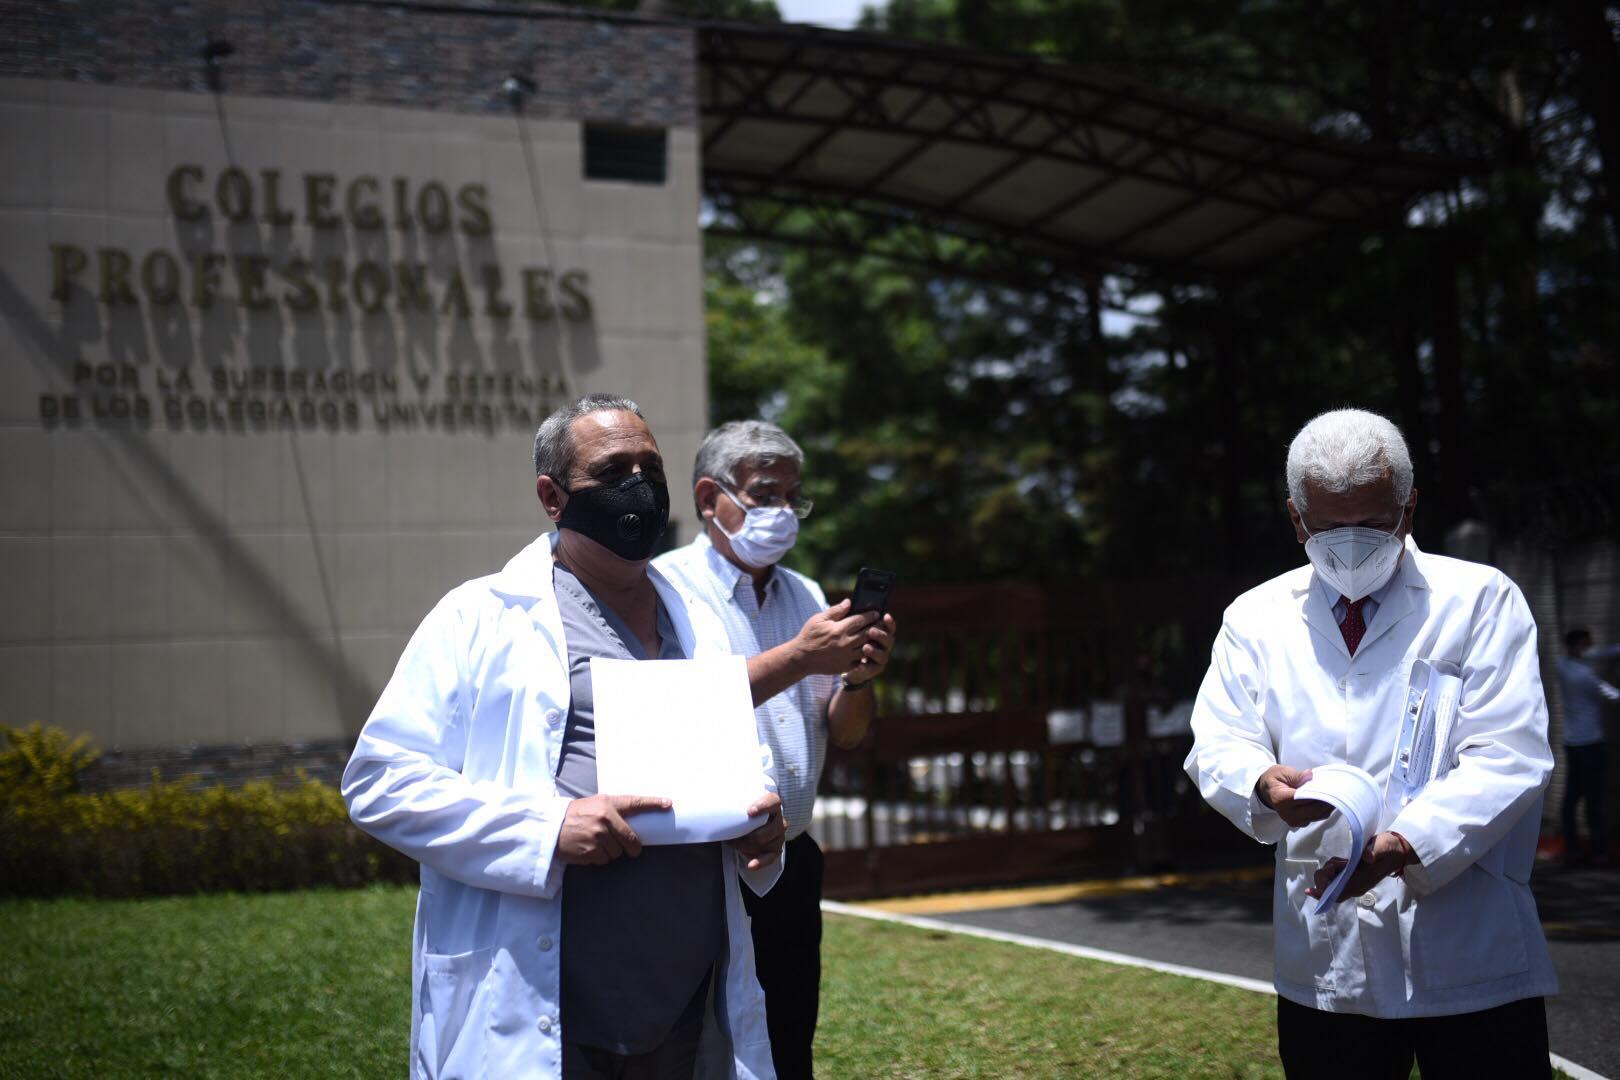 Colegio de Médicos